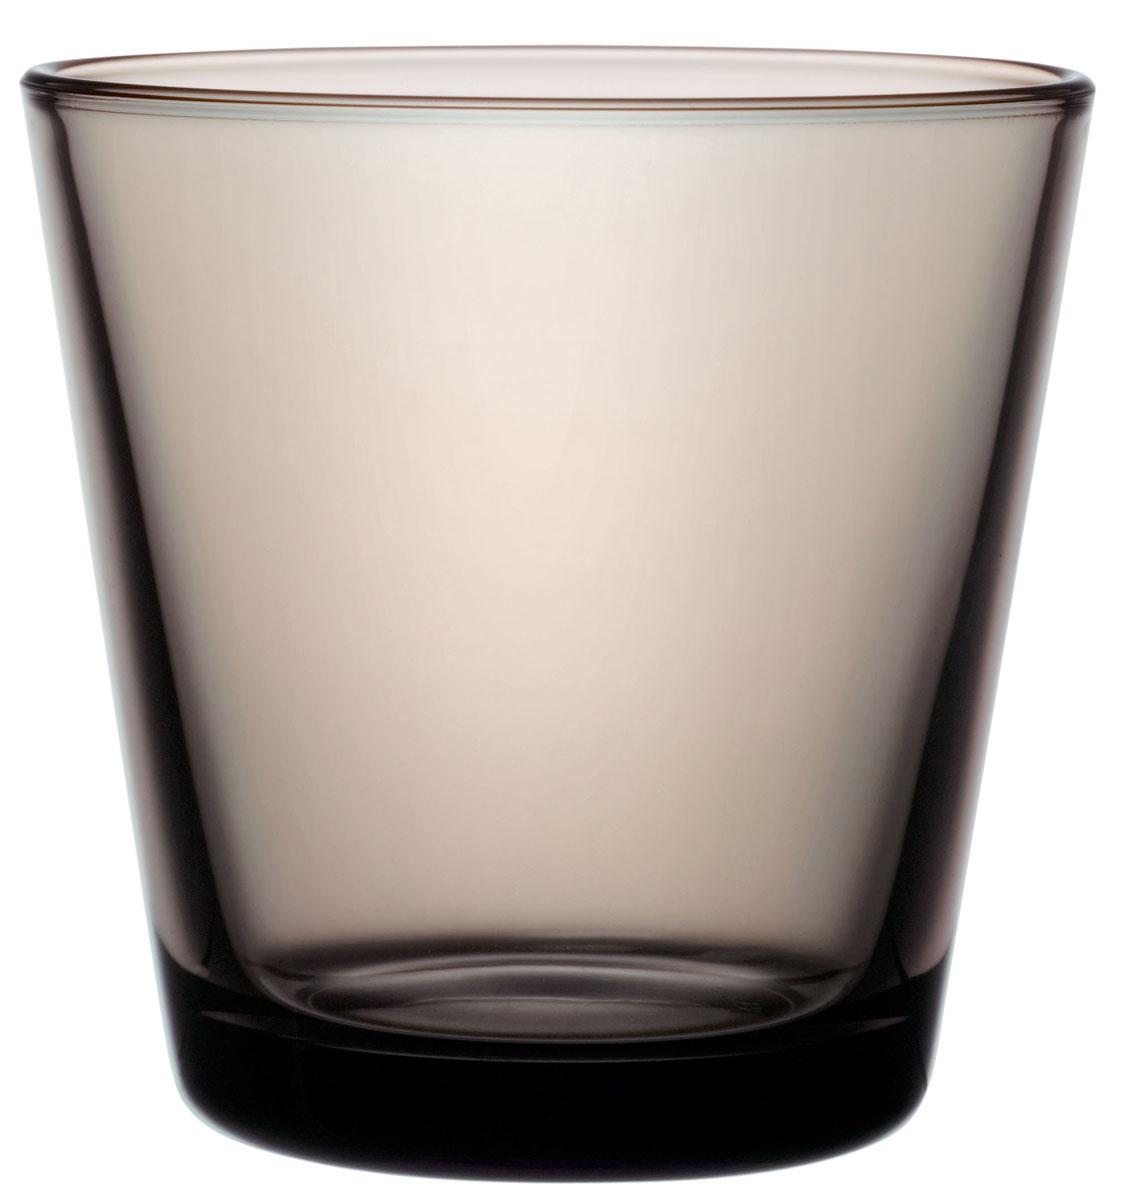 Набор стаканов Iittala Kartio, цвет: коричневый, 210 мл, 2 шт1008606Стаканы Iittala выполнены из высококачественного стекла. Изделия имеют удобную изящную форму, которая позволит им комфортно лежать в вашей руке. Дизайн стаканов будет радовать глаз. Легкий и прочный материал обеспечит сохранность изделия в течение многих лет.